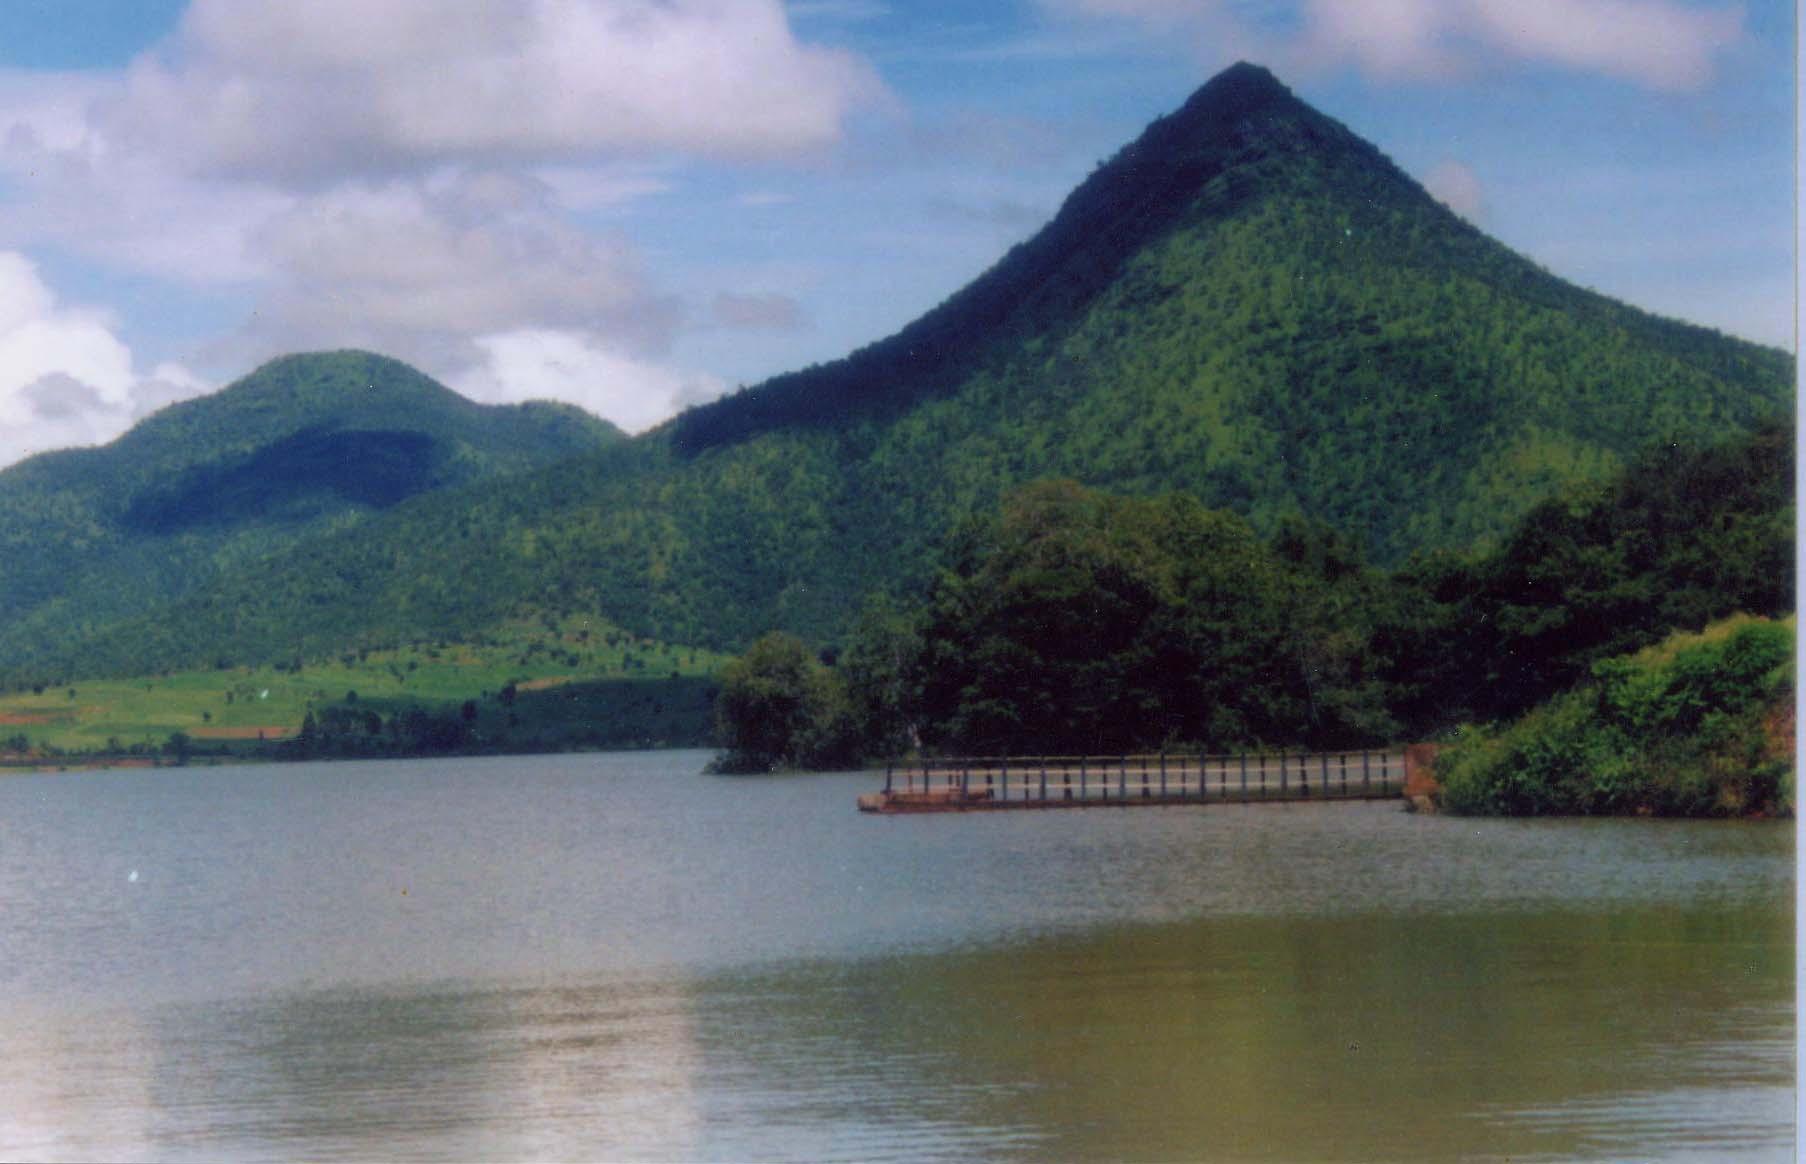 Ayyankere Lake